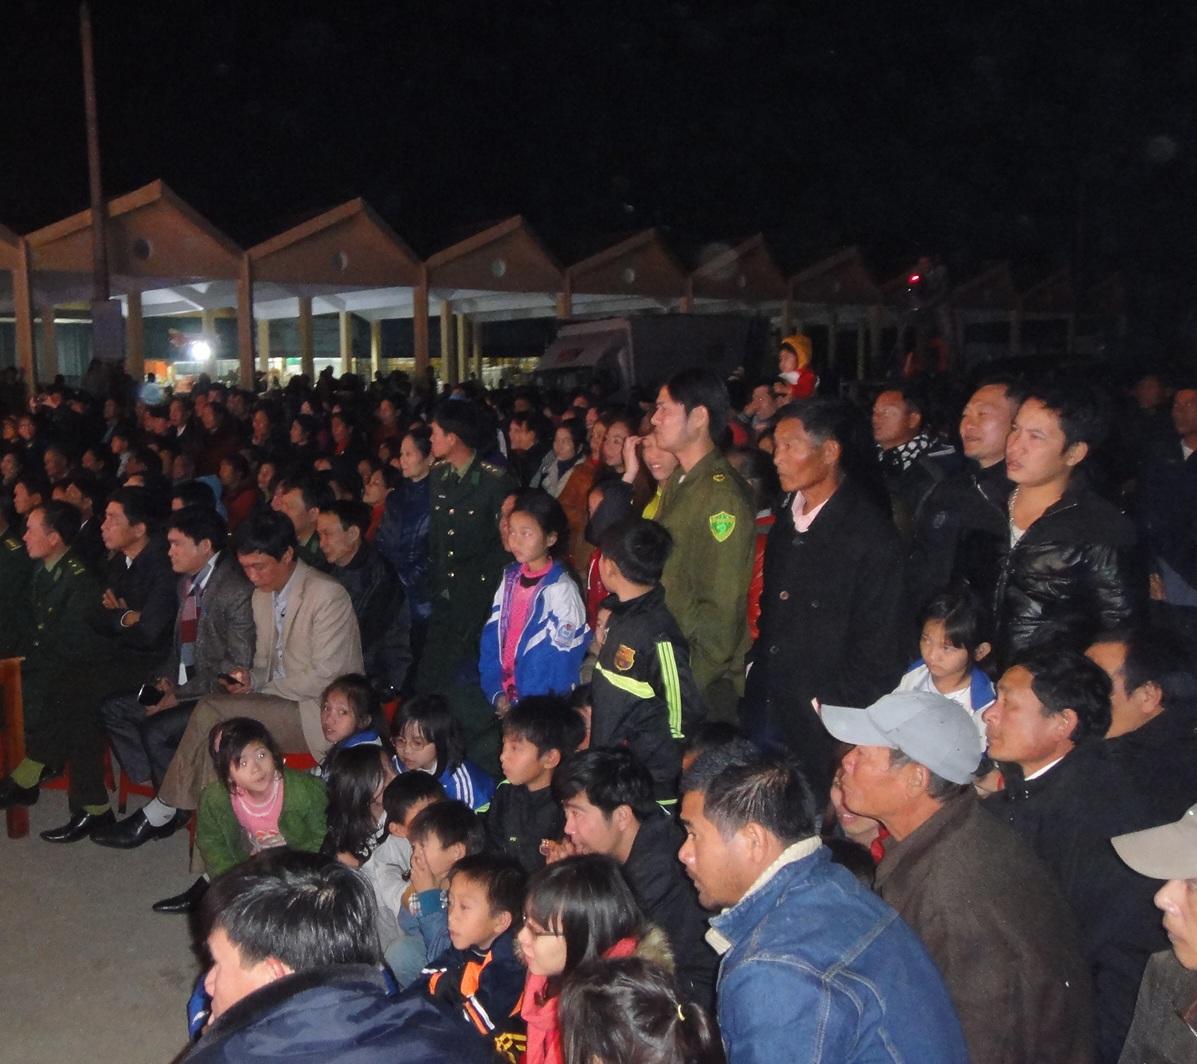 Đông đảo người dân ven biển Lộc Hà có mặt trong buổi giao lưu đêm nay.